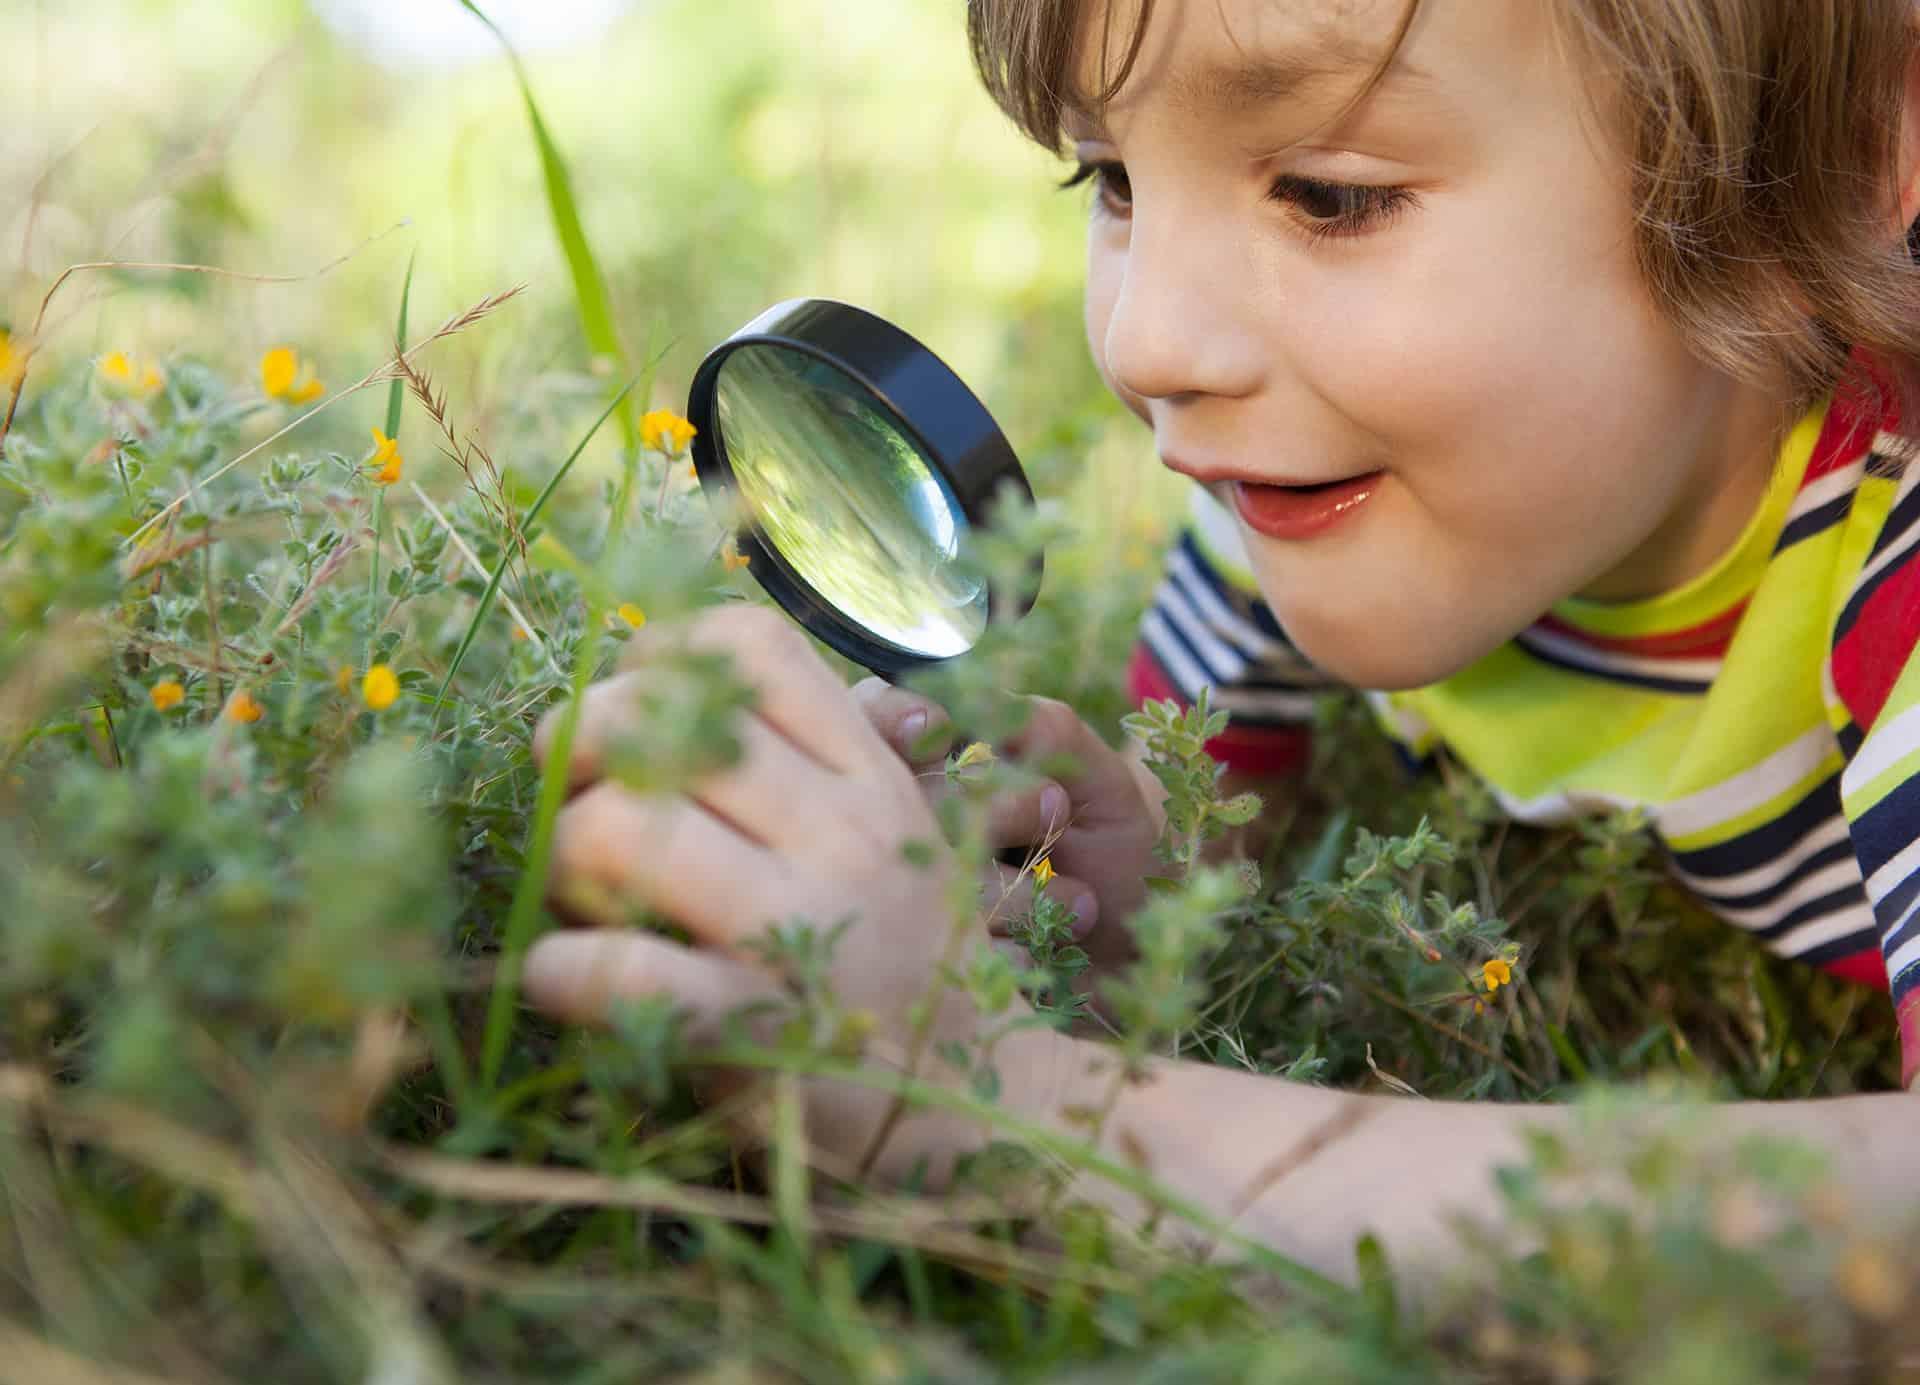 kid_in_grass